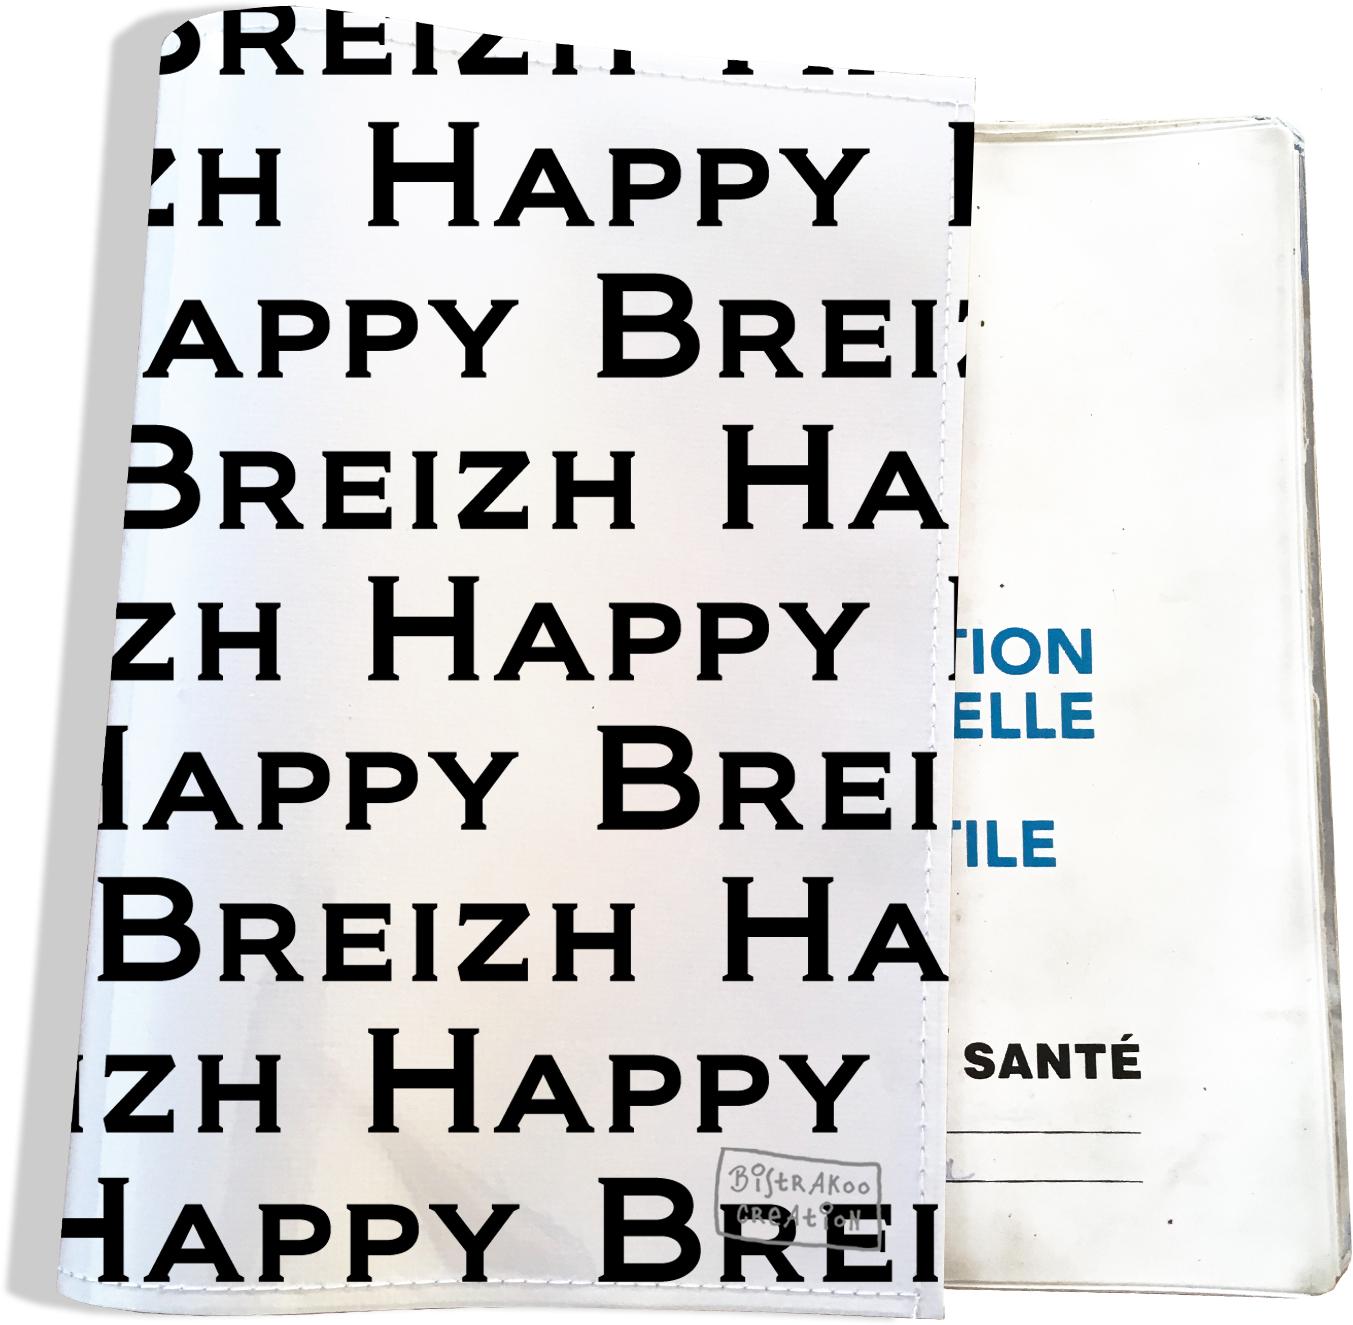 Protège carnet de santé breton Bretagne Happy Breizh Gwen Ha Du Bistrakoo PCS8004